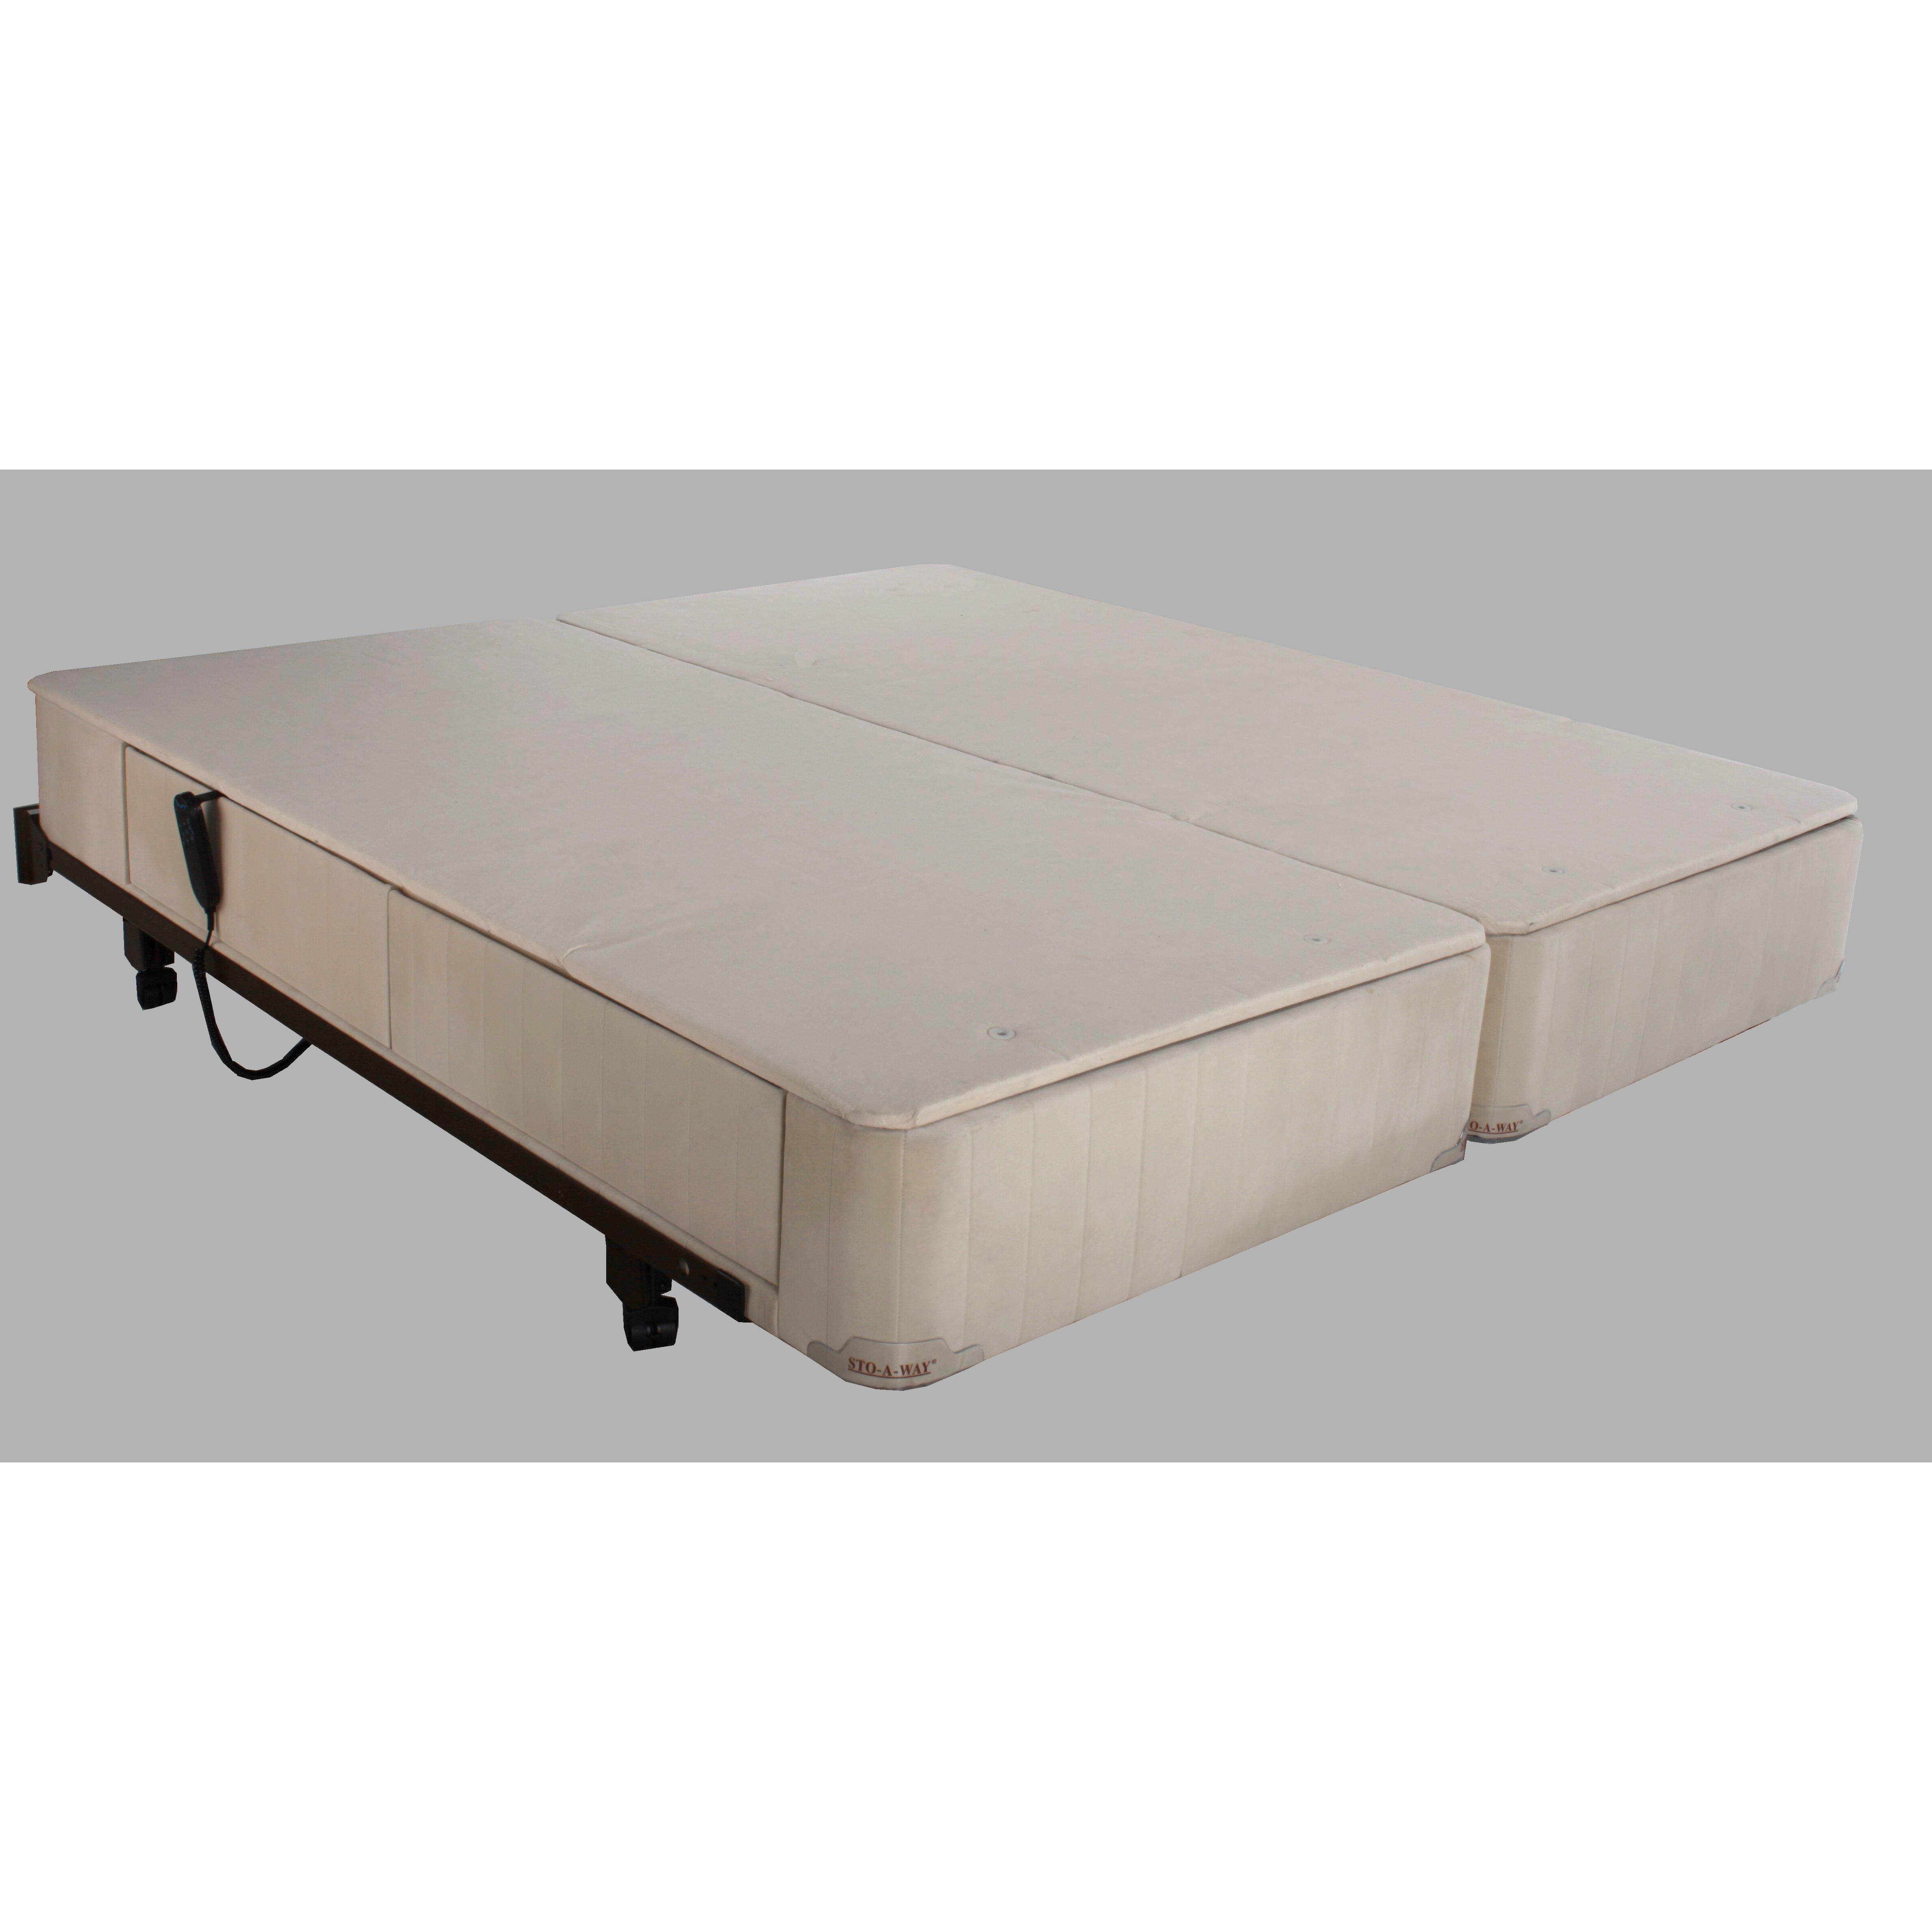 Adjustable Beds In Leeds : Adjustable beds king size sheets bed frames for